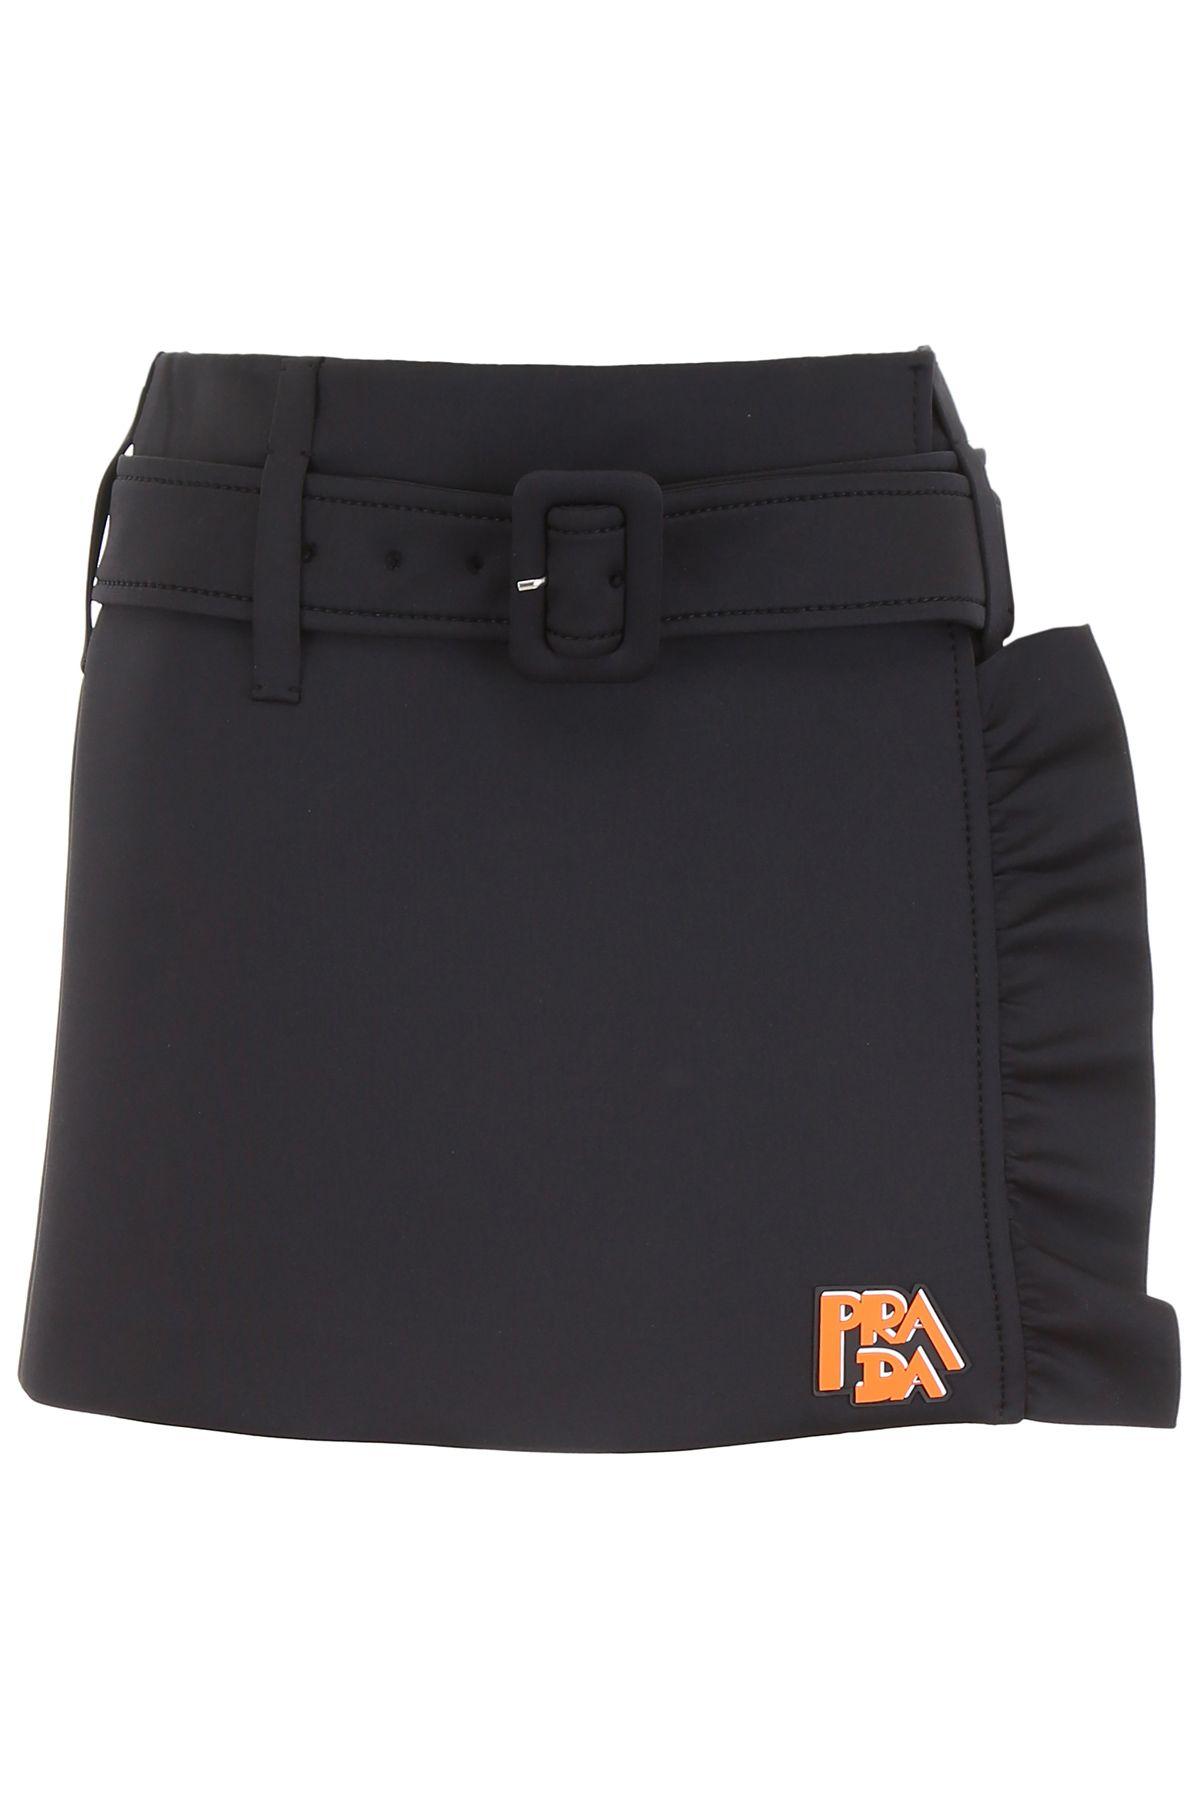 Prada Ruffled Mini Skirt With Logo